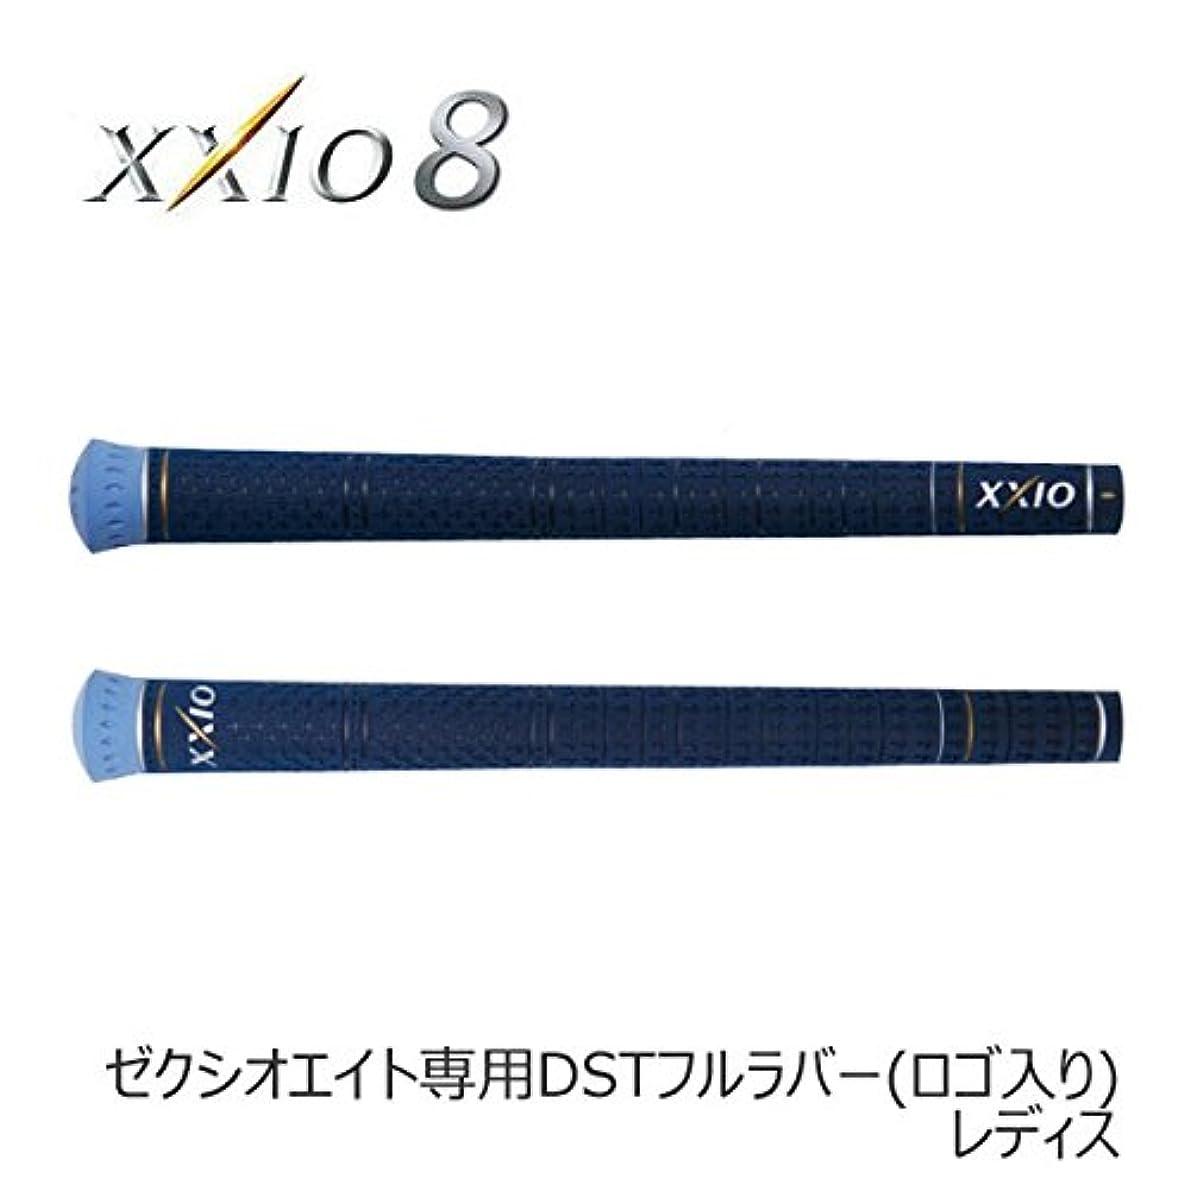 賛辞特別に管理するXXIO ゼクシオ ゼクシオナイン専用フルラバー(ロゴ入り) レディスグリップ MP900L ウッド&アイアン用グリップ